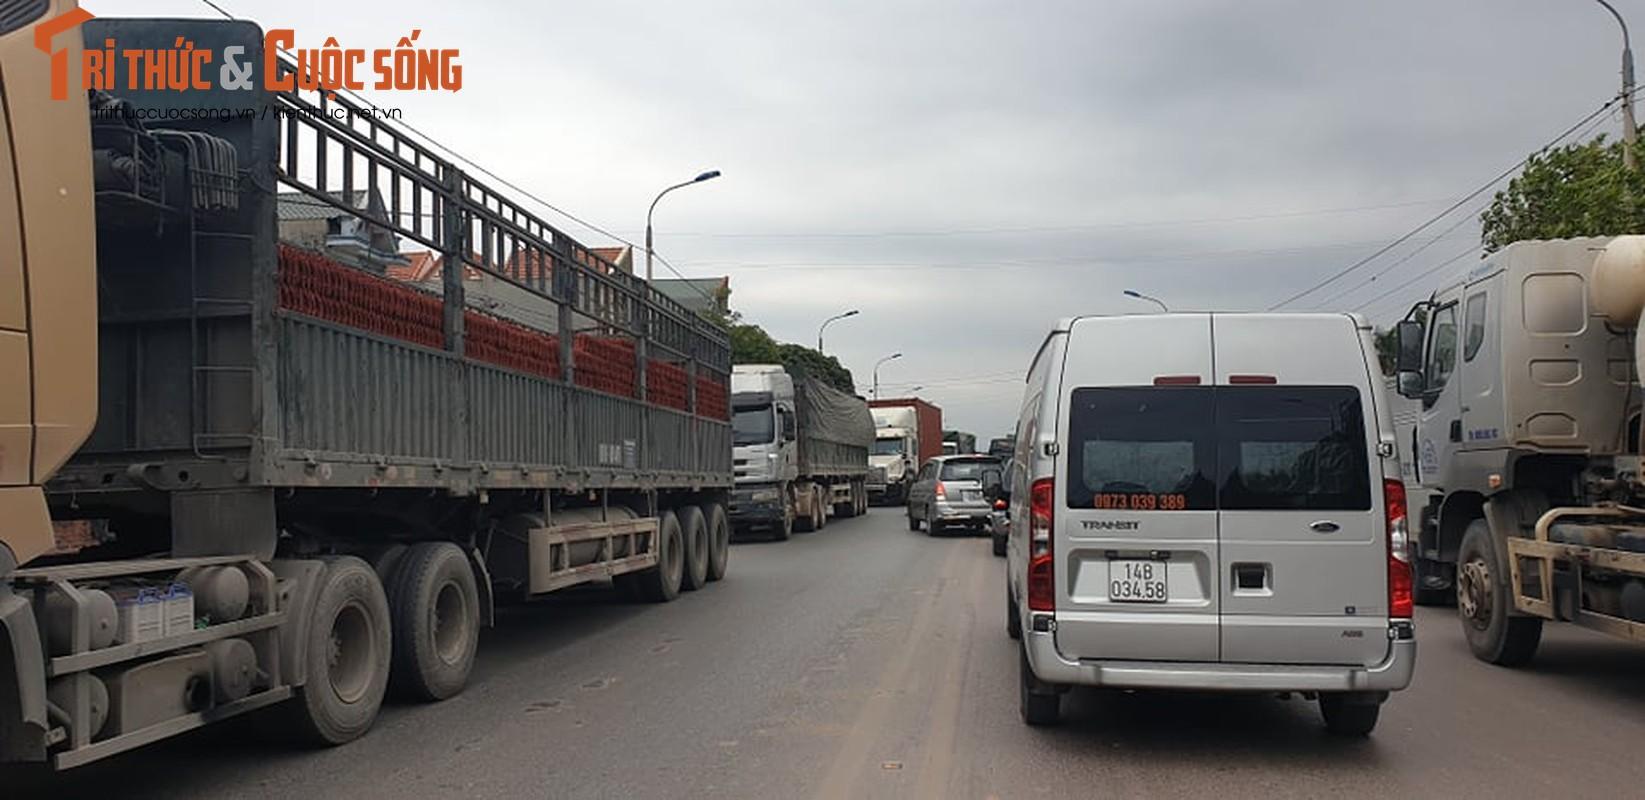 Quang Ninh lap chot kiem dich COVID-19, Quoc lo 18 un u keo dai-Hinh-4